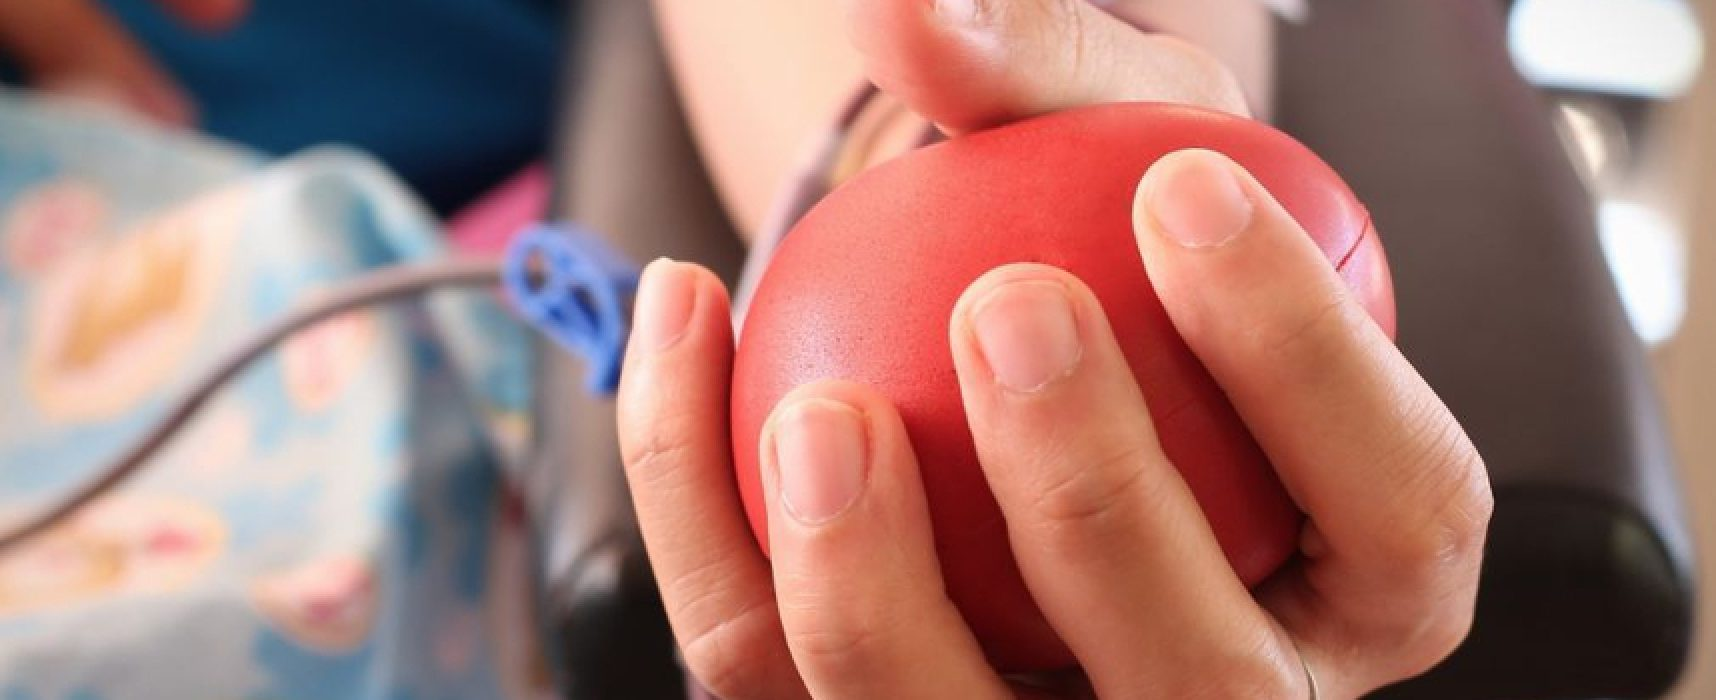 """Avis Bisceglie: """"Donare sangue non è pericoloso ed è una giusta motivazione per spostarsi"""""""